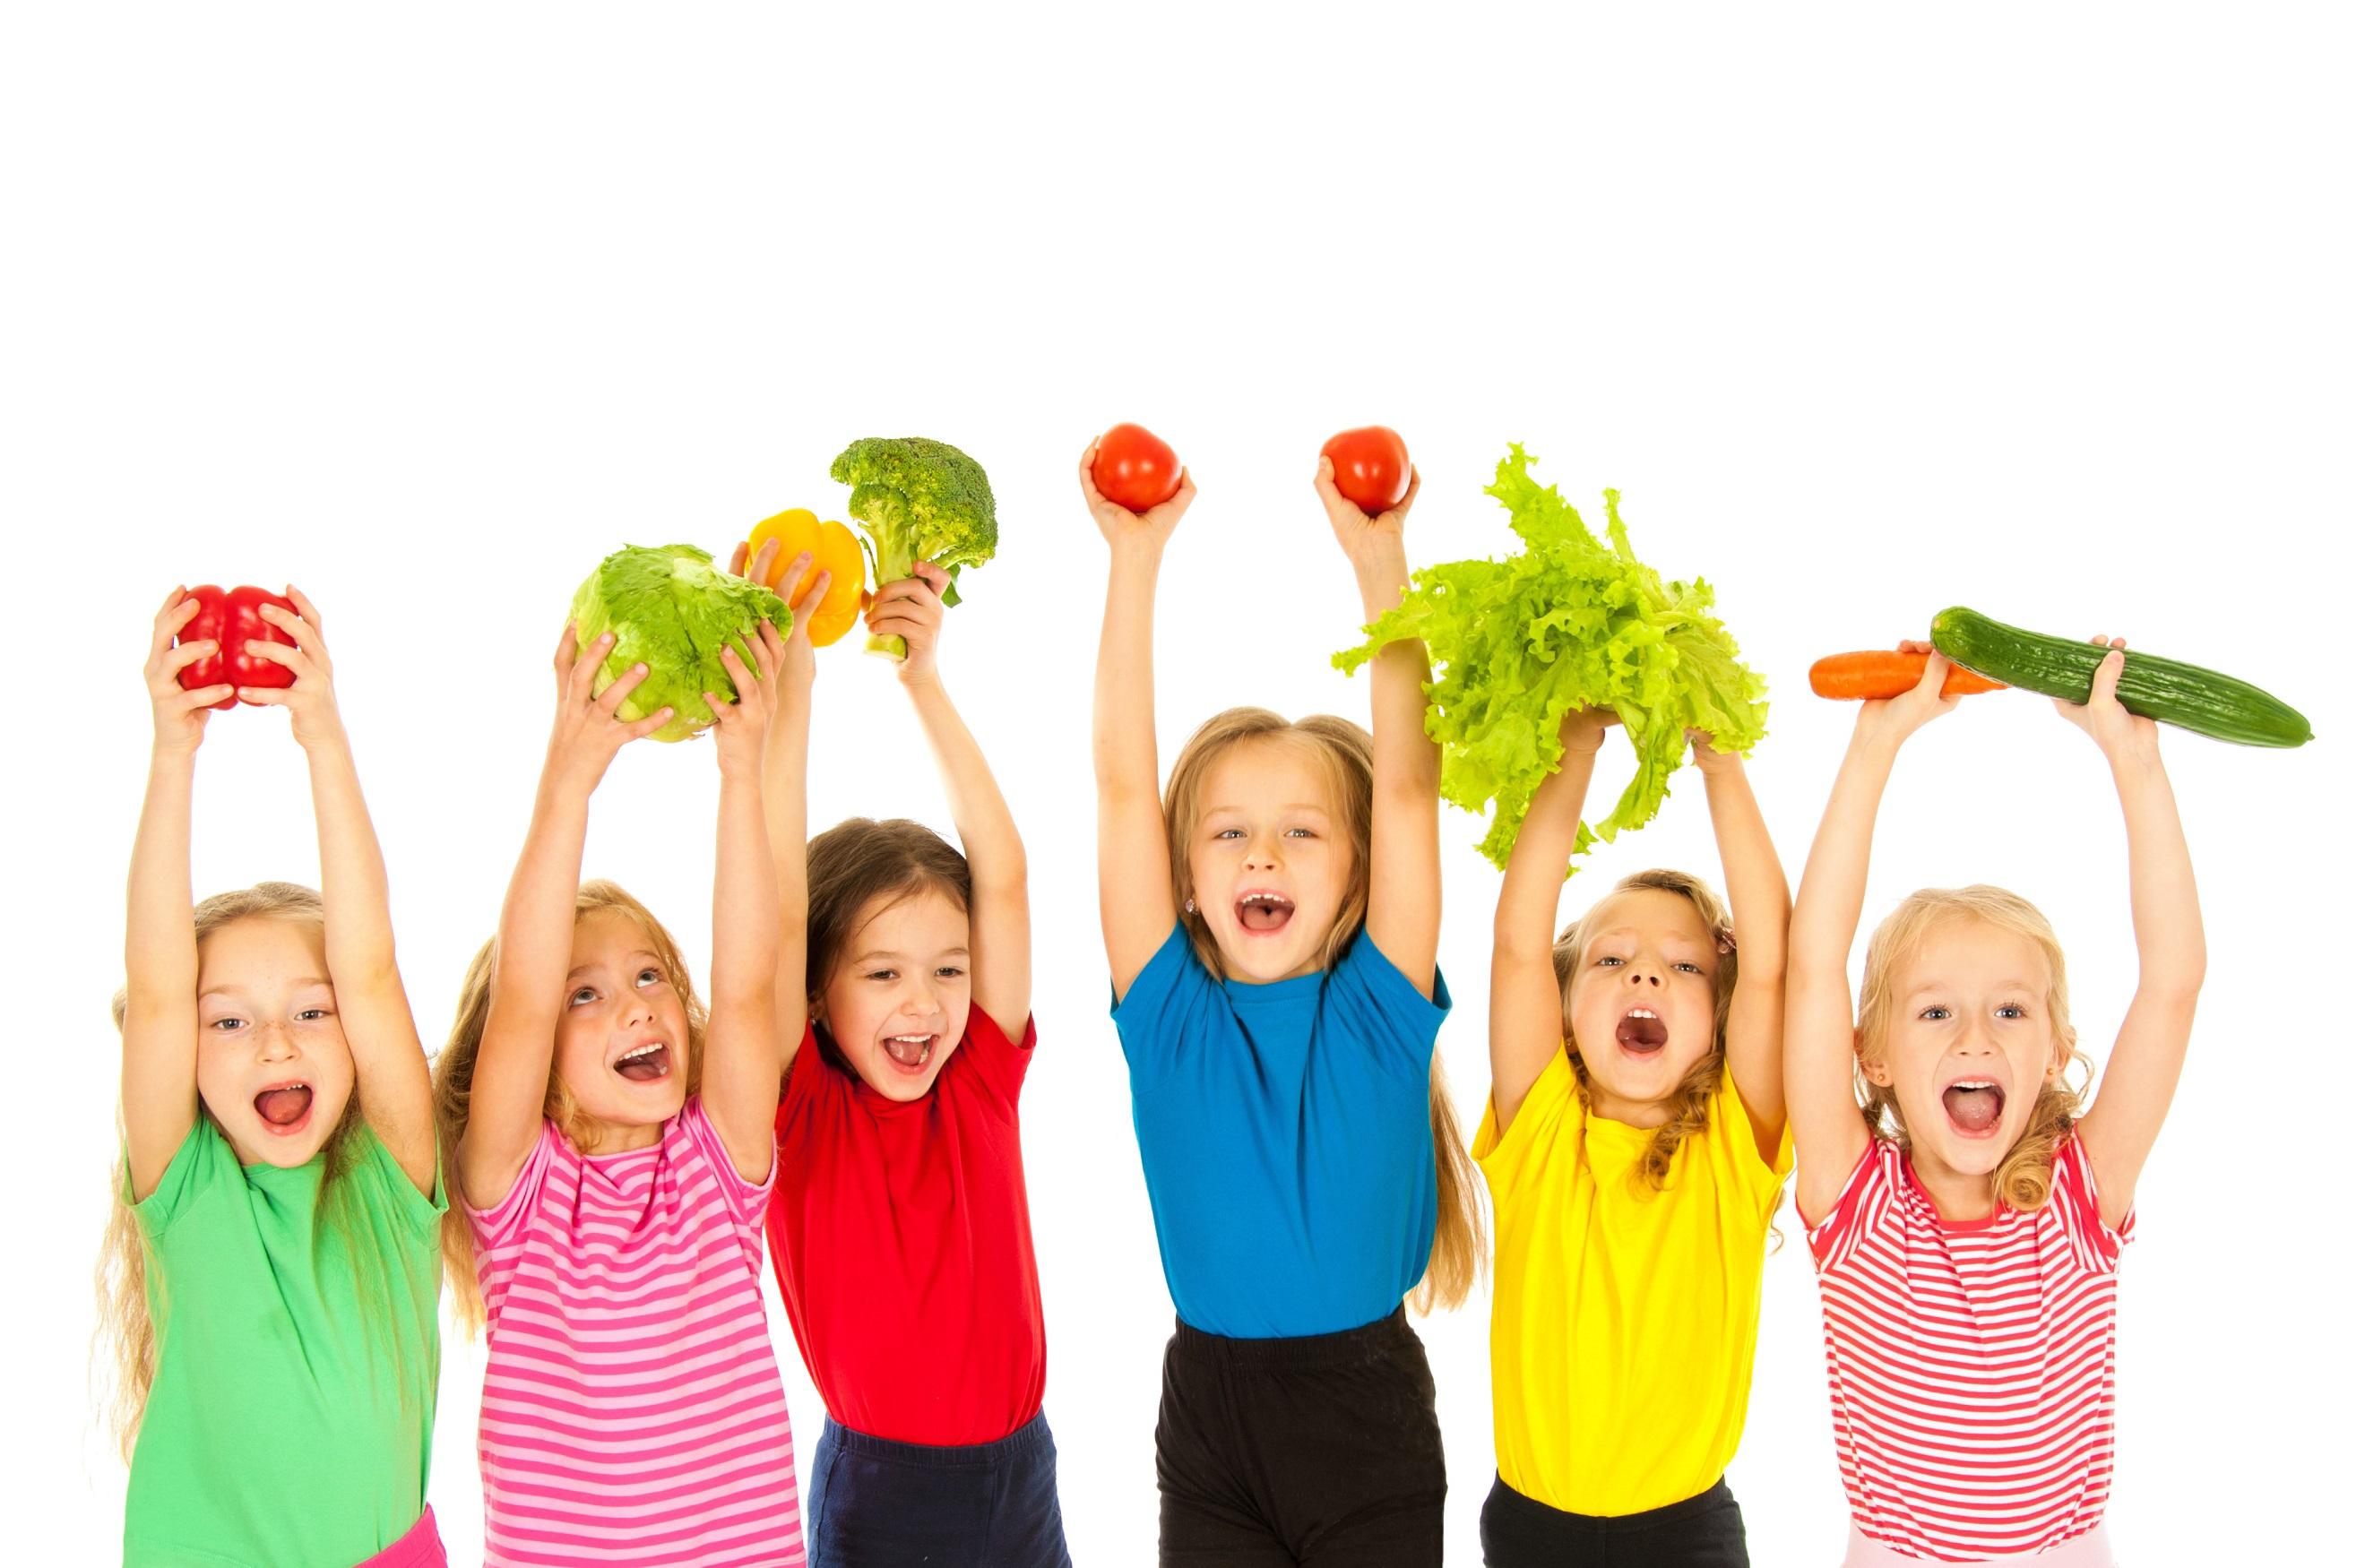 froehliche kinder mit obst